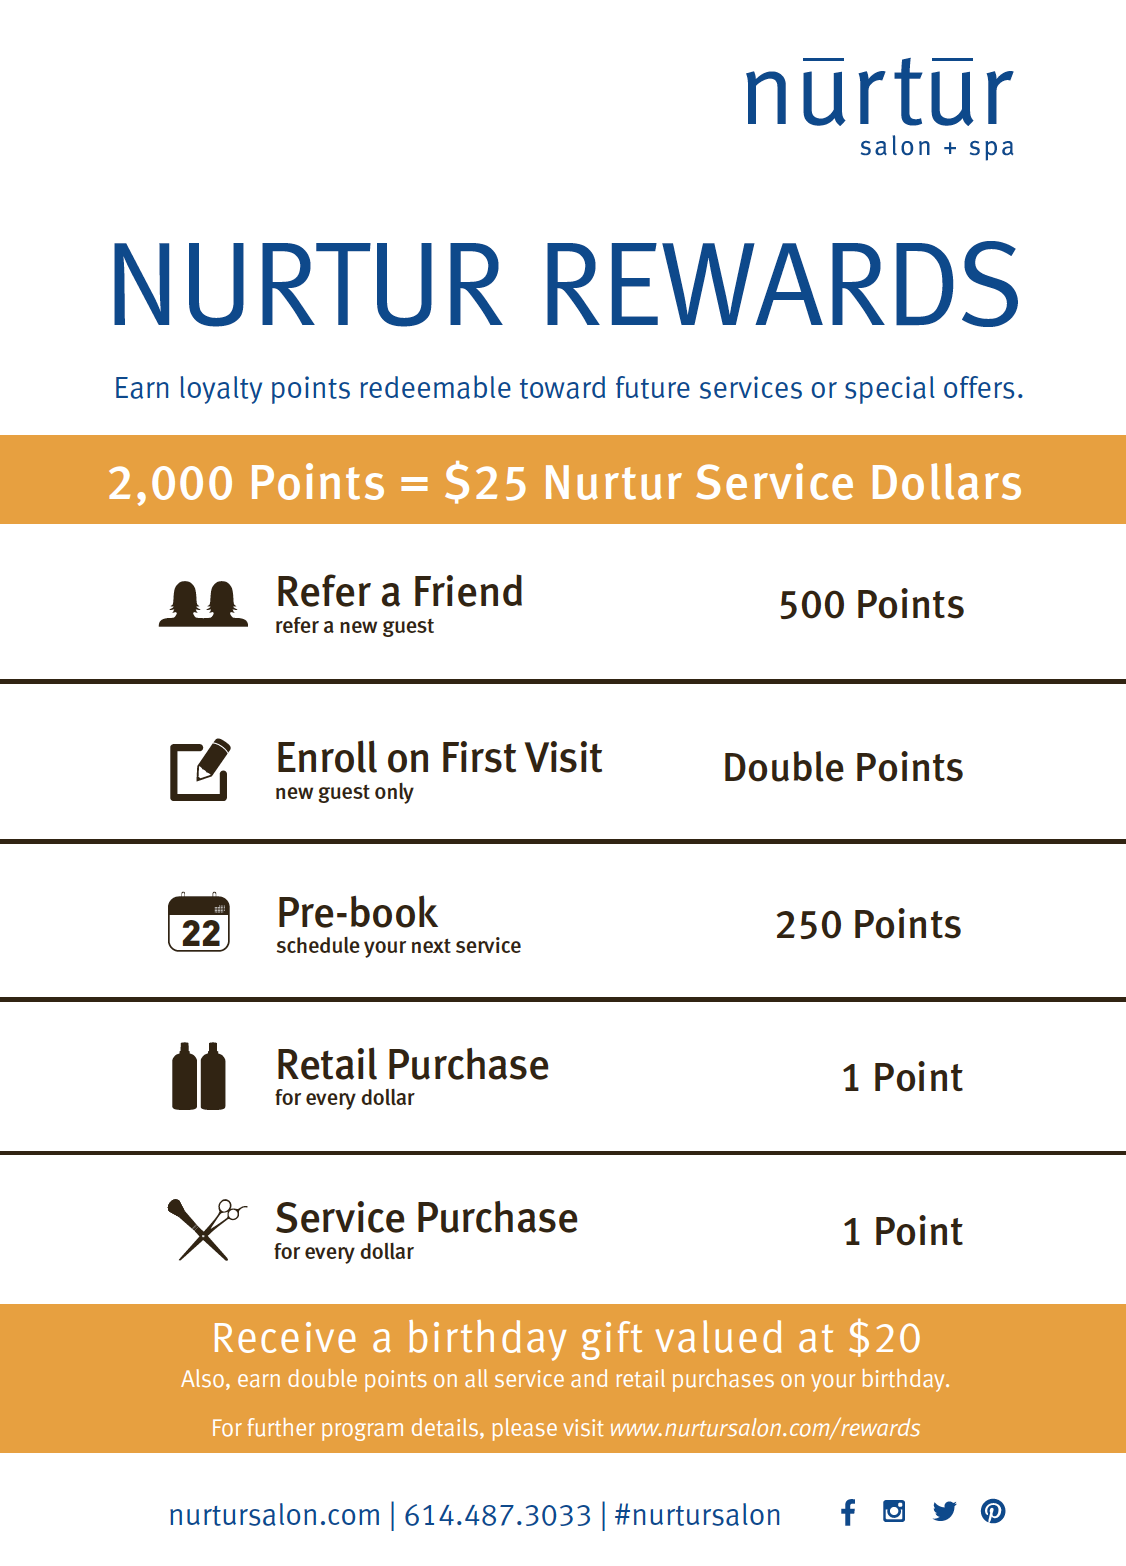 nurtur rewards